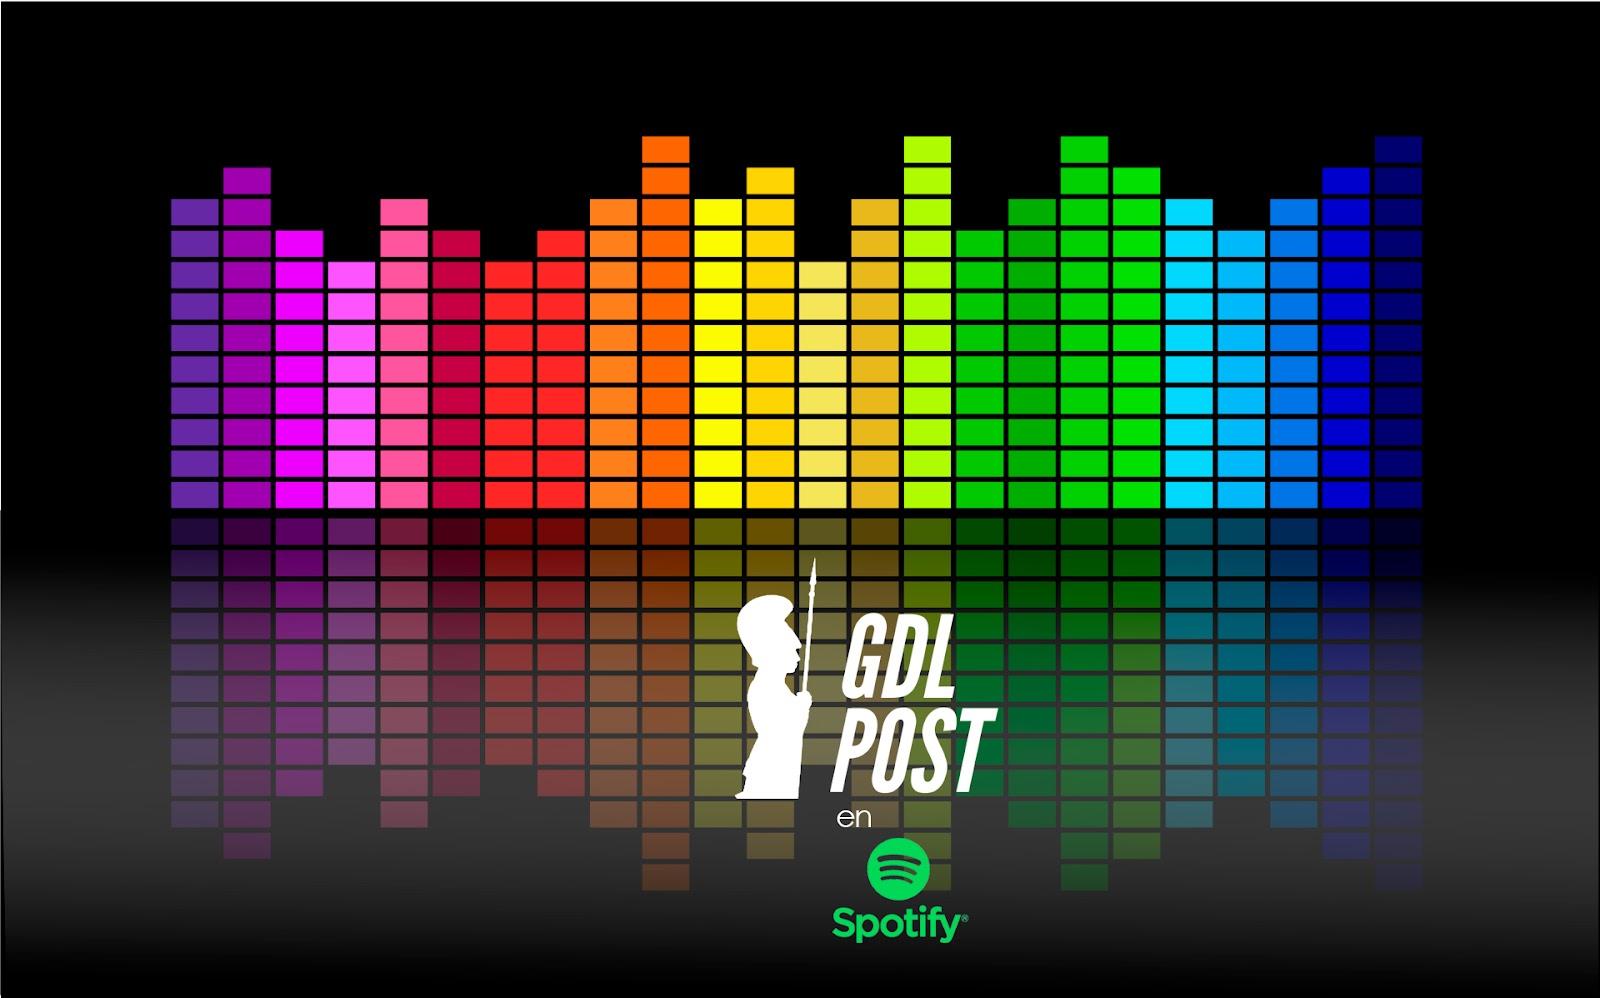 GDLPodcast en Spotify